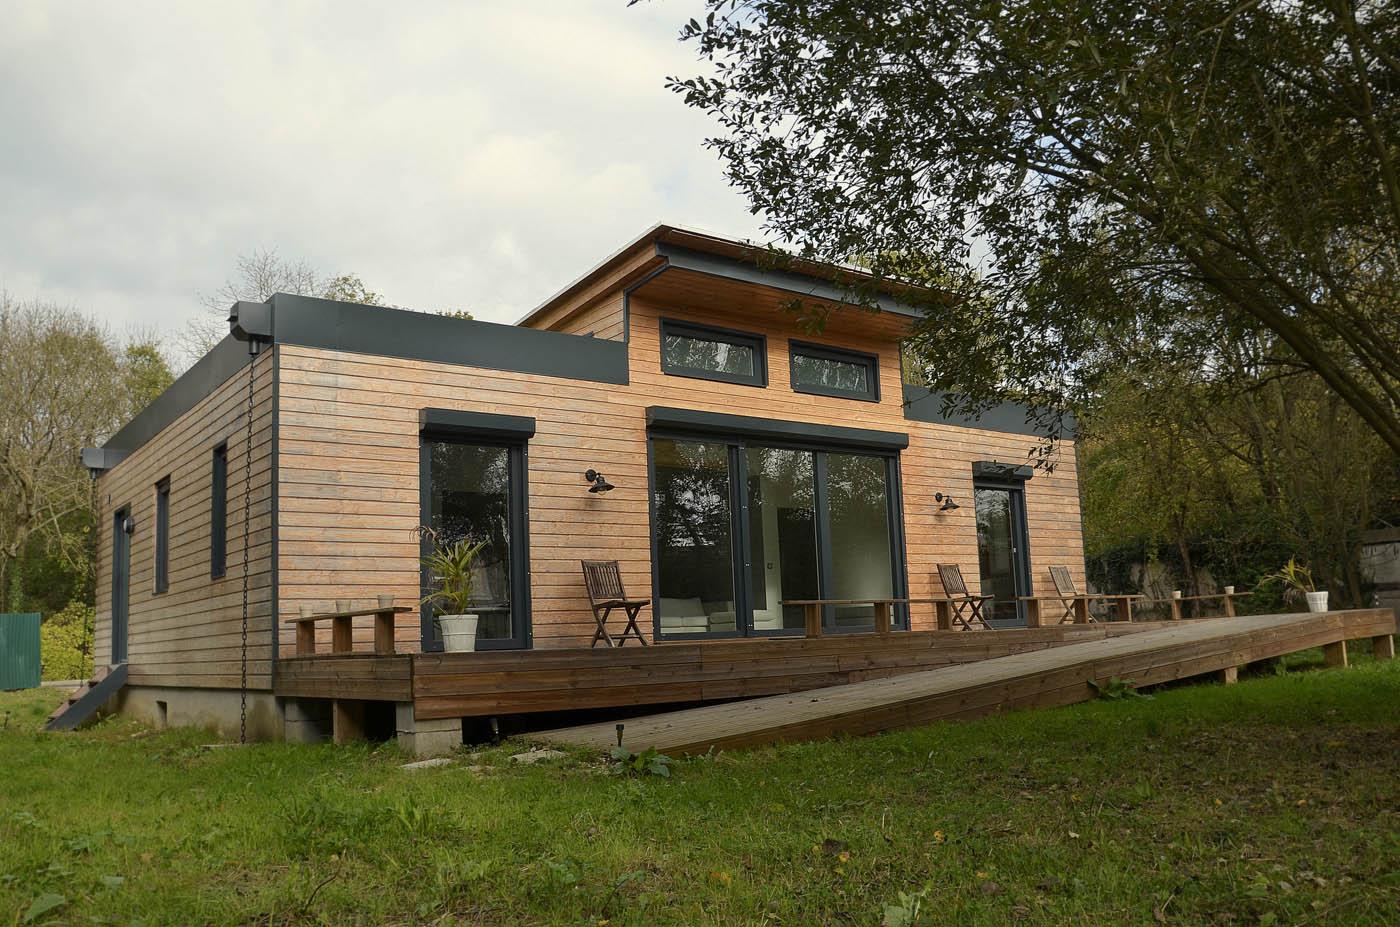 Maison En Bois Moselle maison bois à énergie positive vermont par ecoxia - la